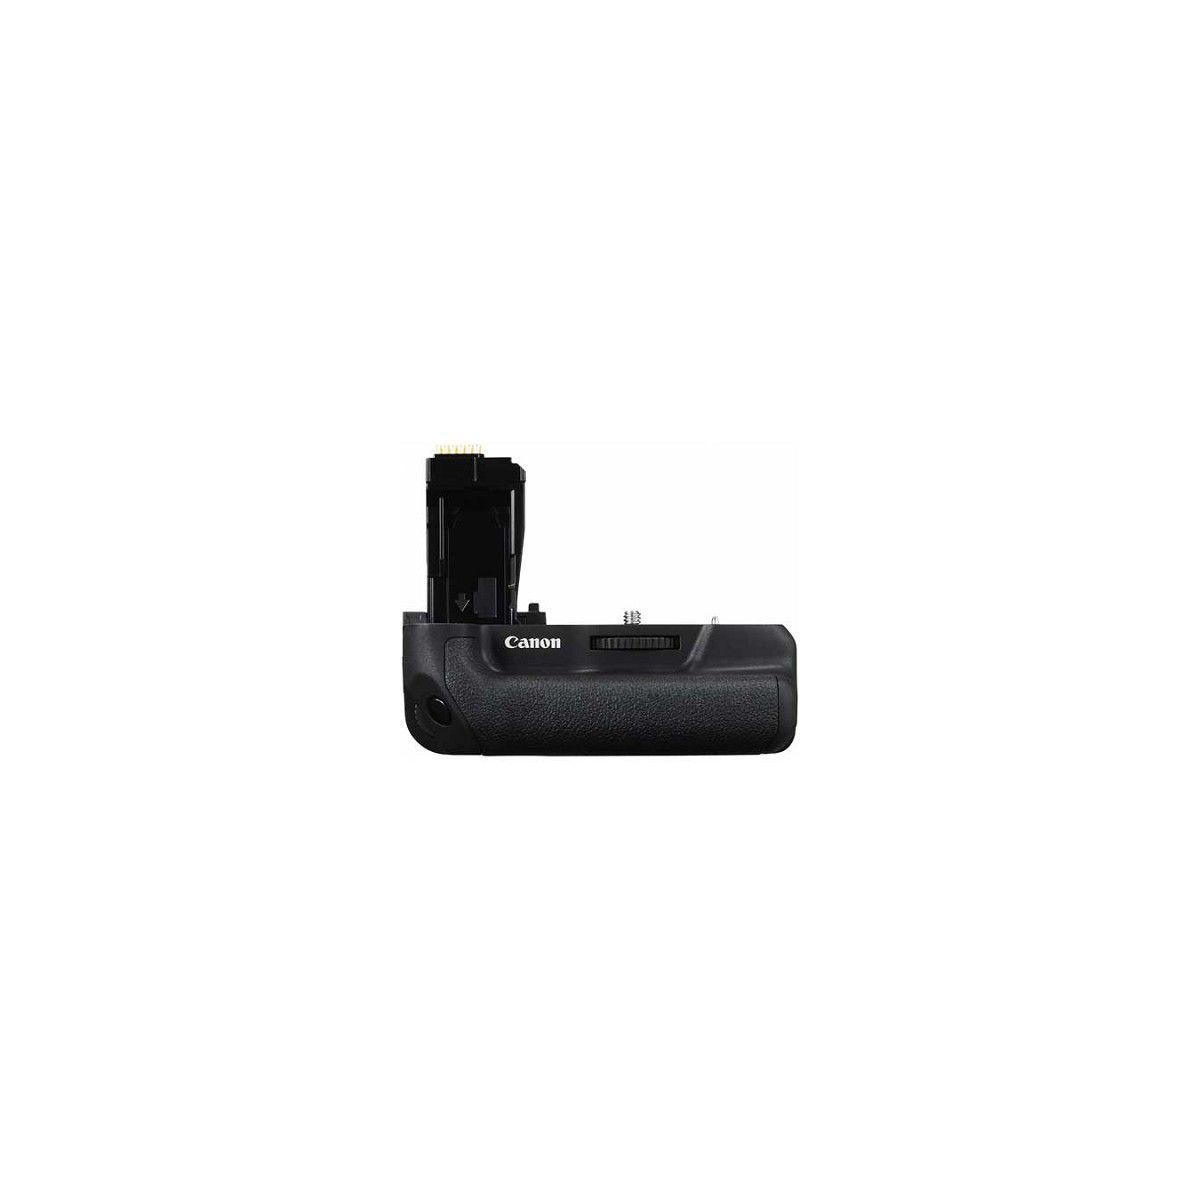 Grip CANON BG-E18 pour EOS 750D/760D